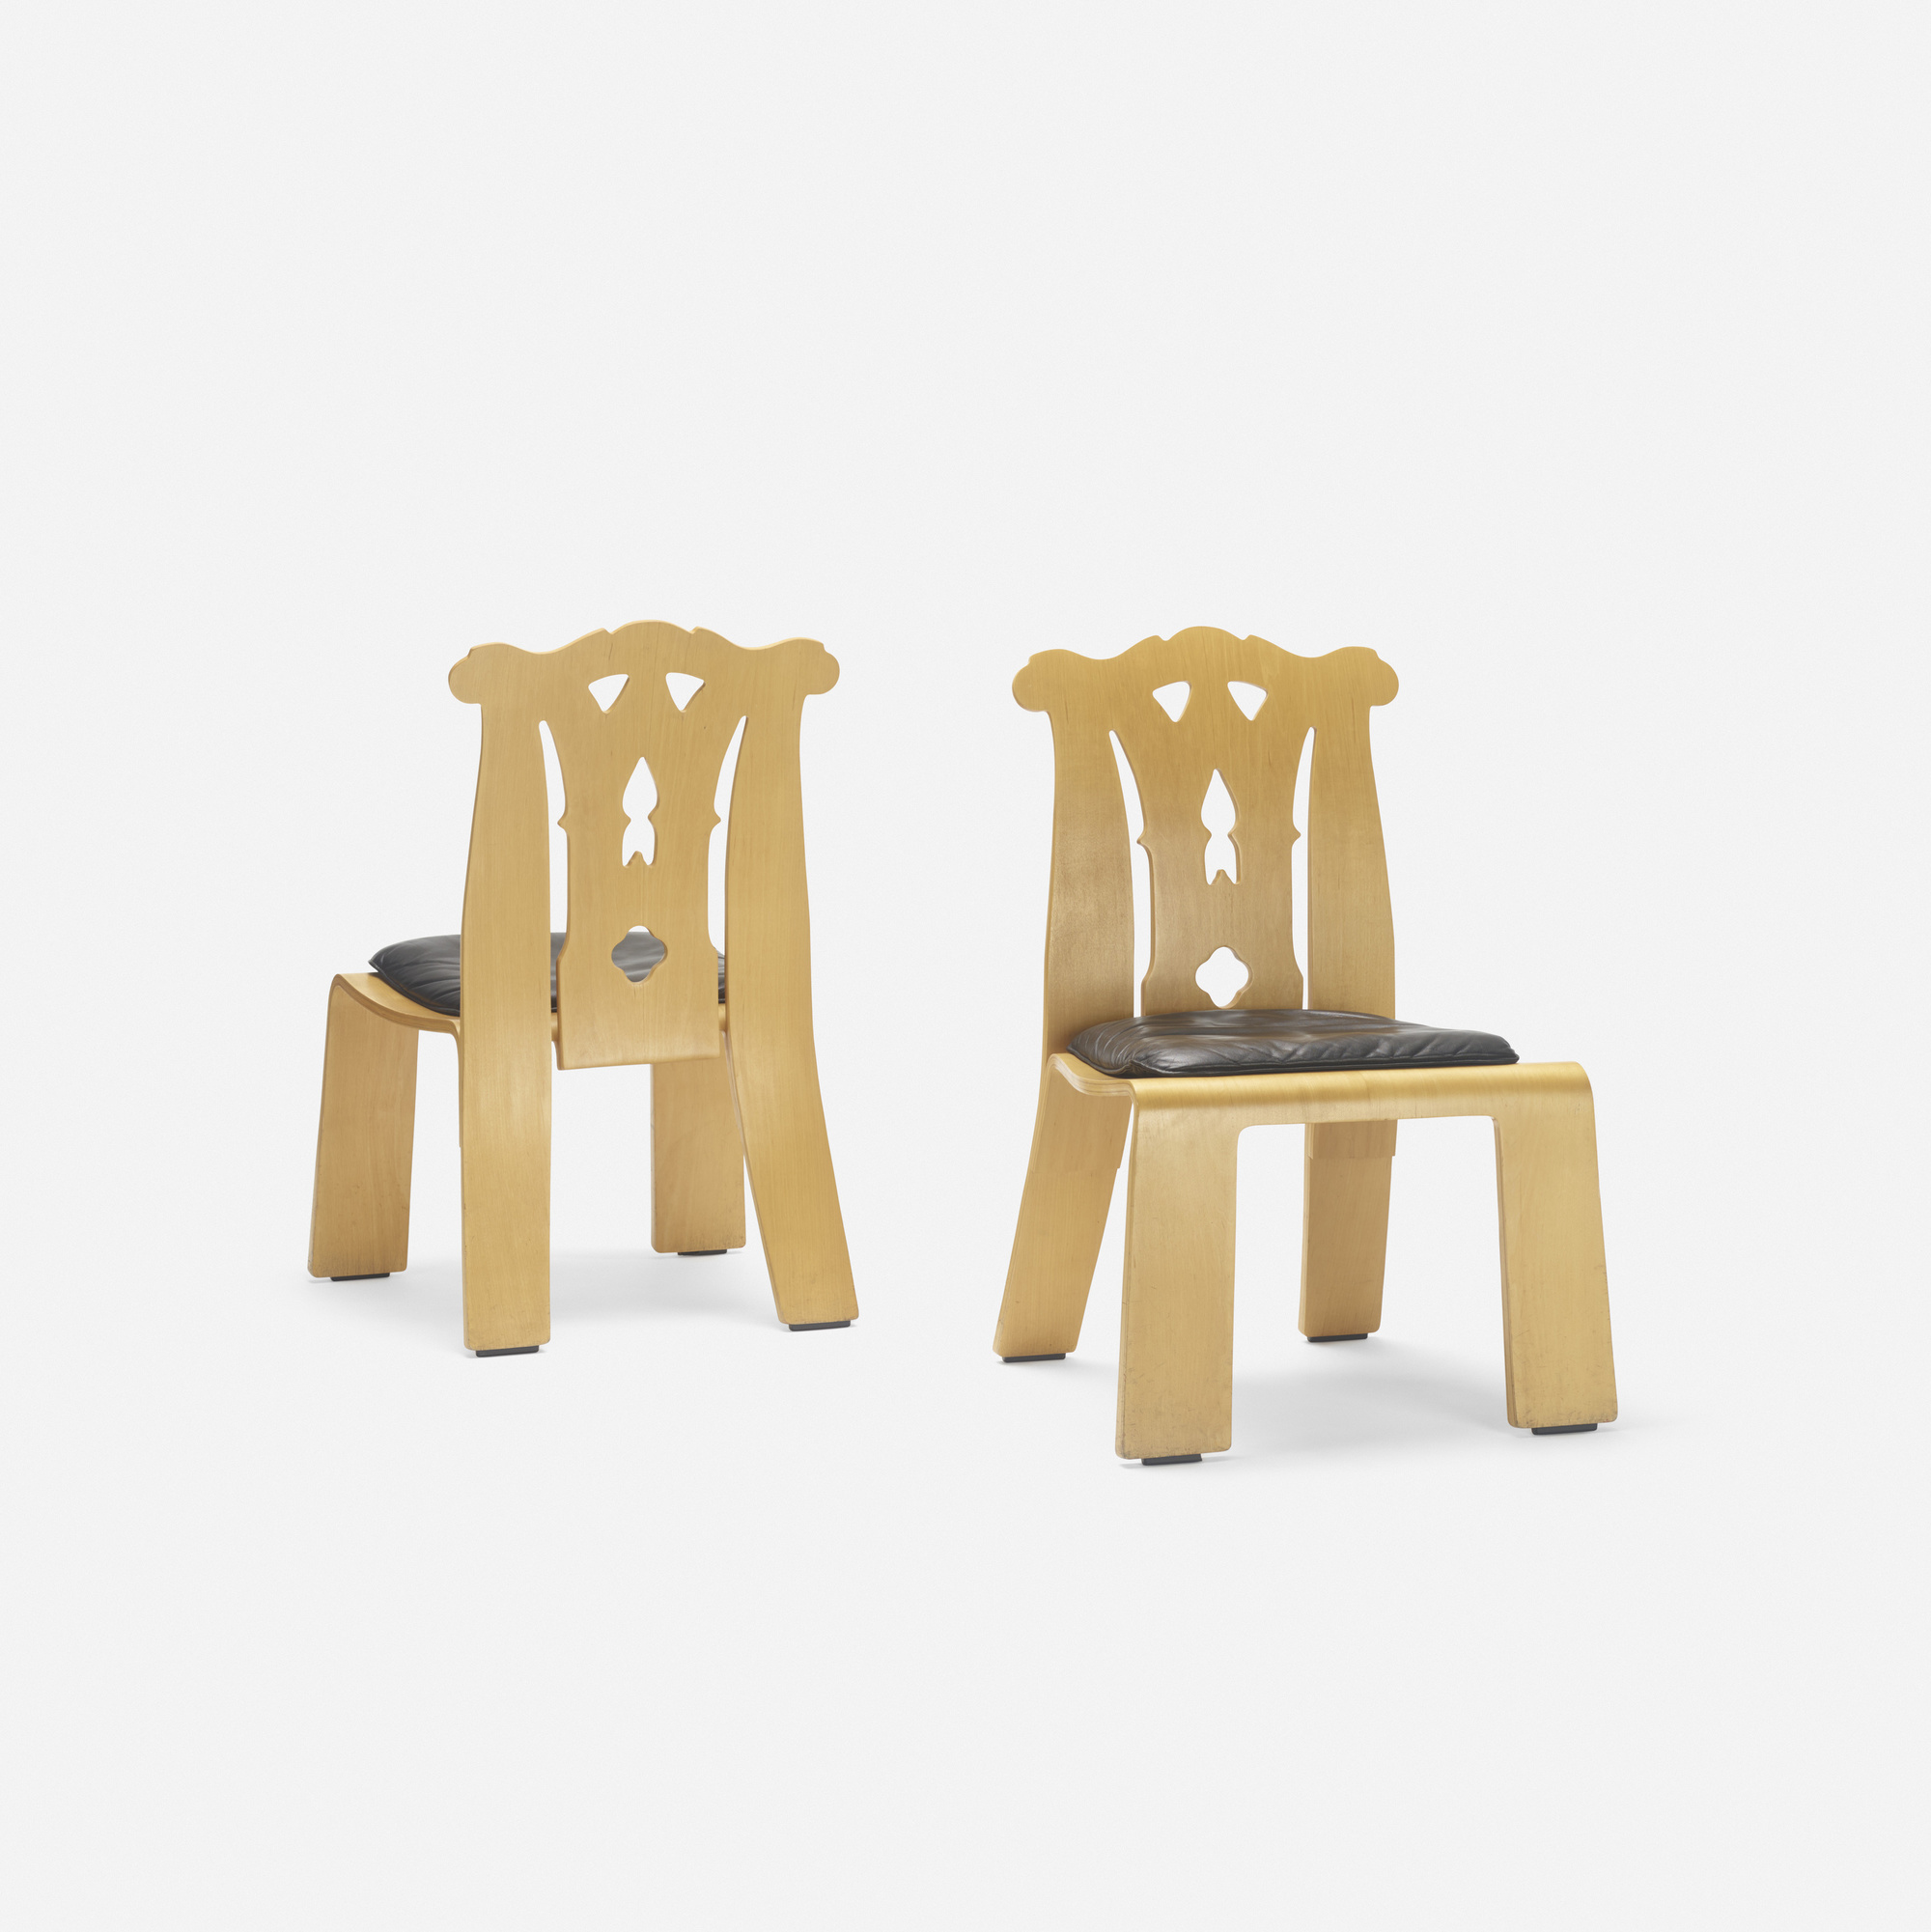 407: Robert Venturi / Chippendale chairs, pair (1 of 3)